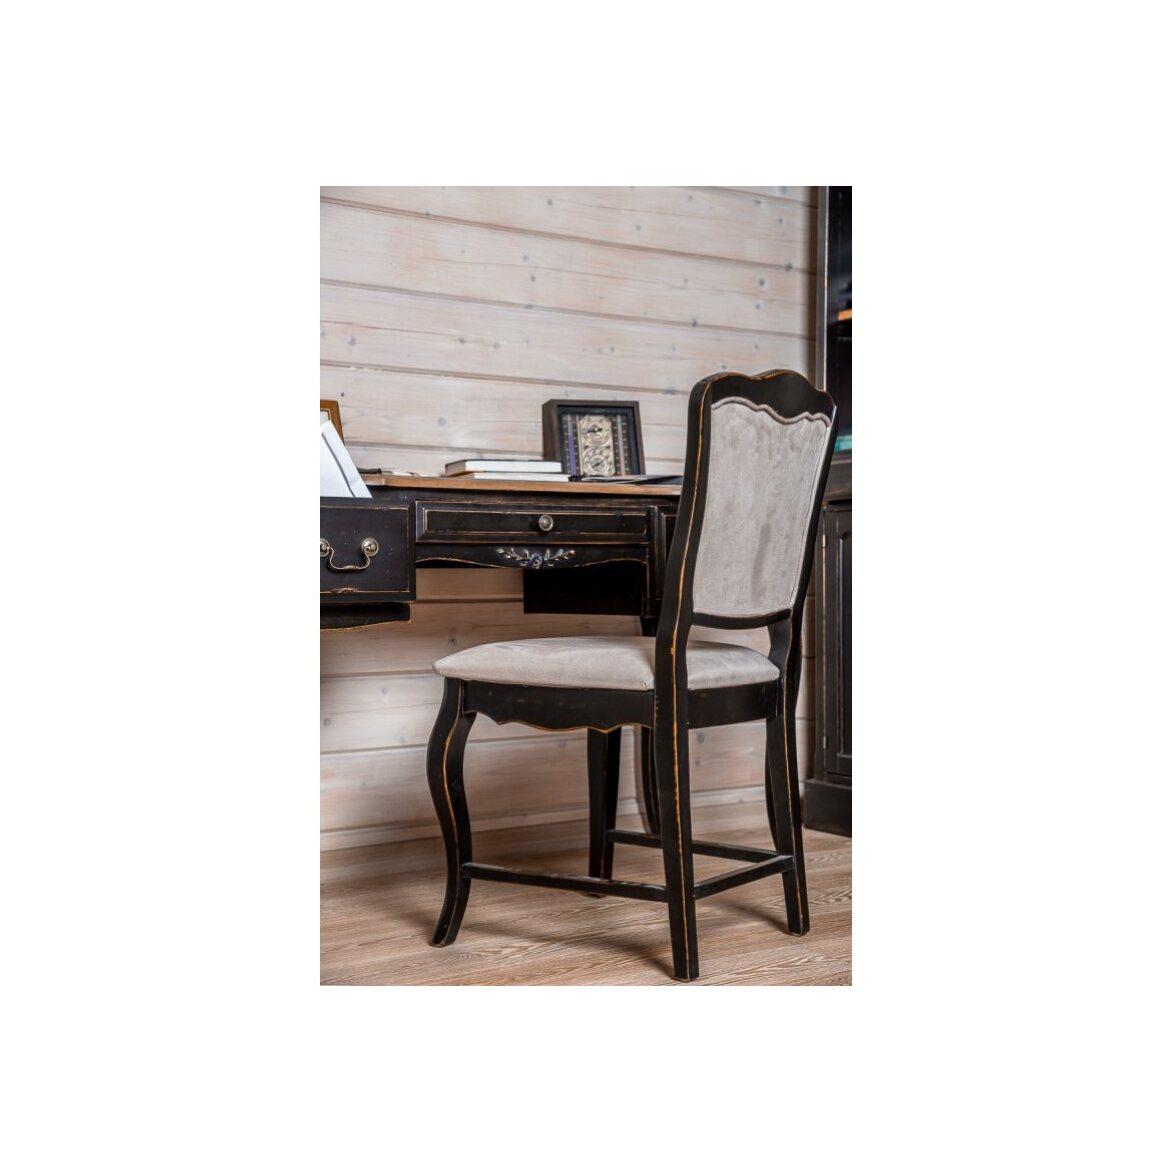 Стул с мягким сиденьем Leontina, черного цвета 2 | Обеденные стулья Kingsby